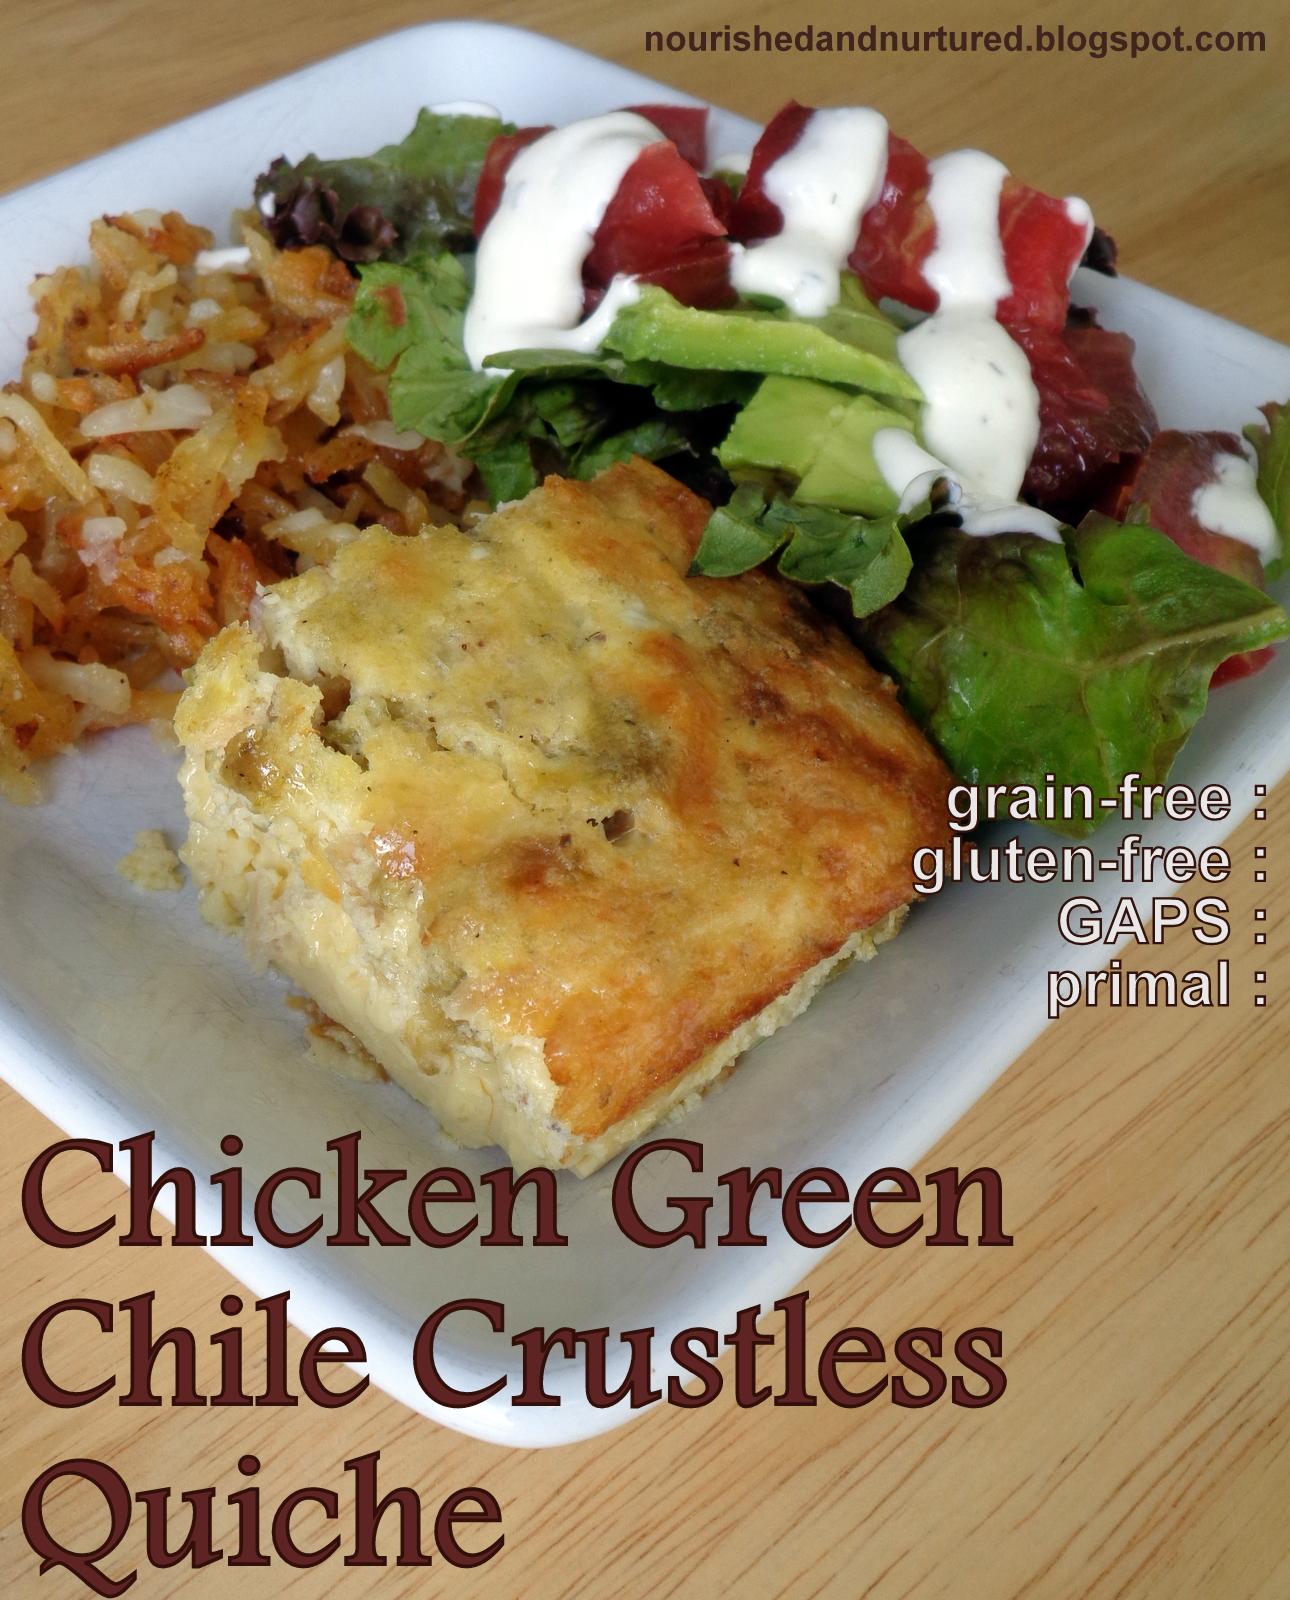 Garden Vegetable Crustless Quiche: Nourished And Nurtured: Chicken Green Chile Crustless